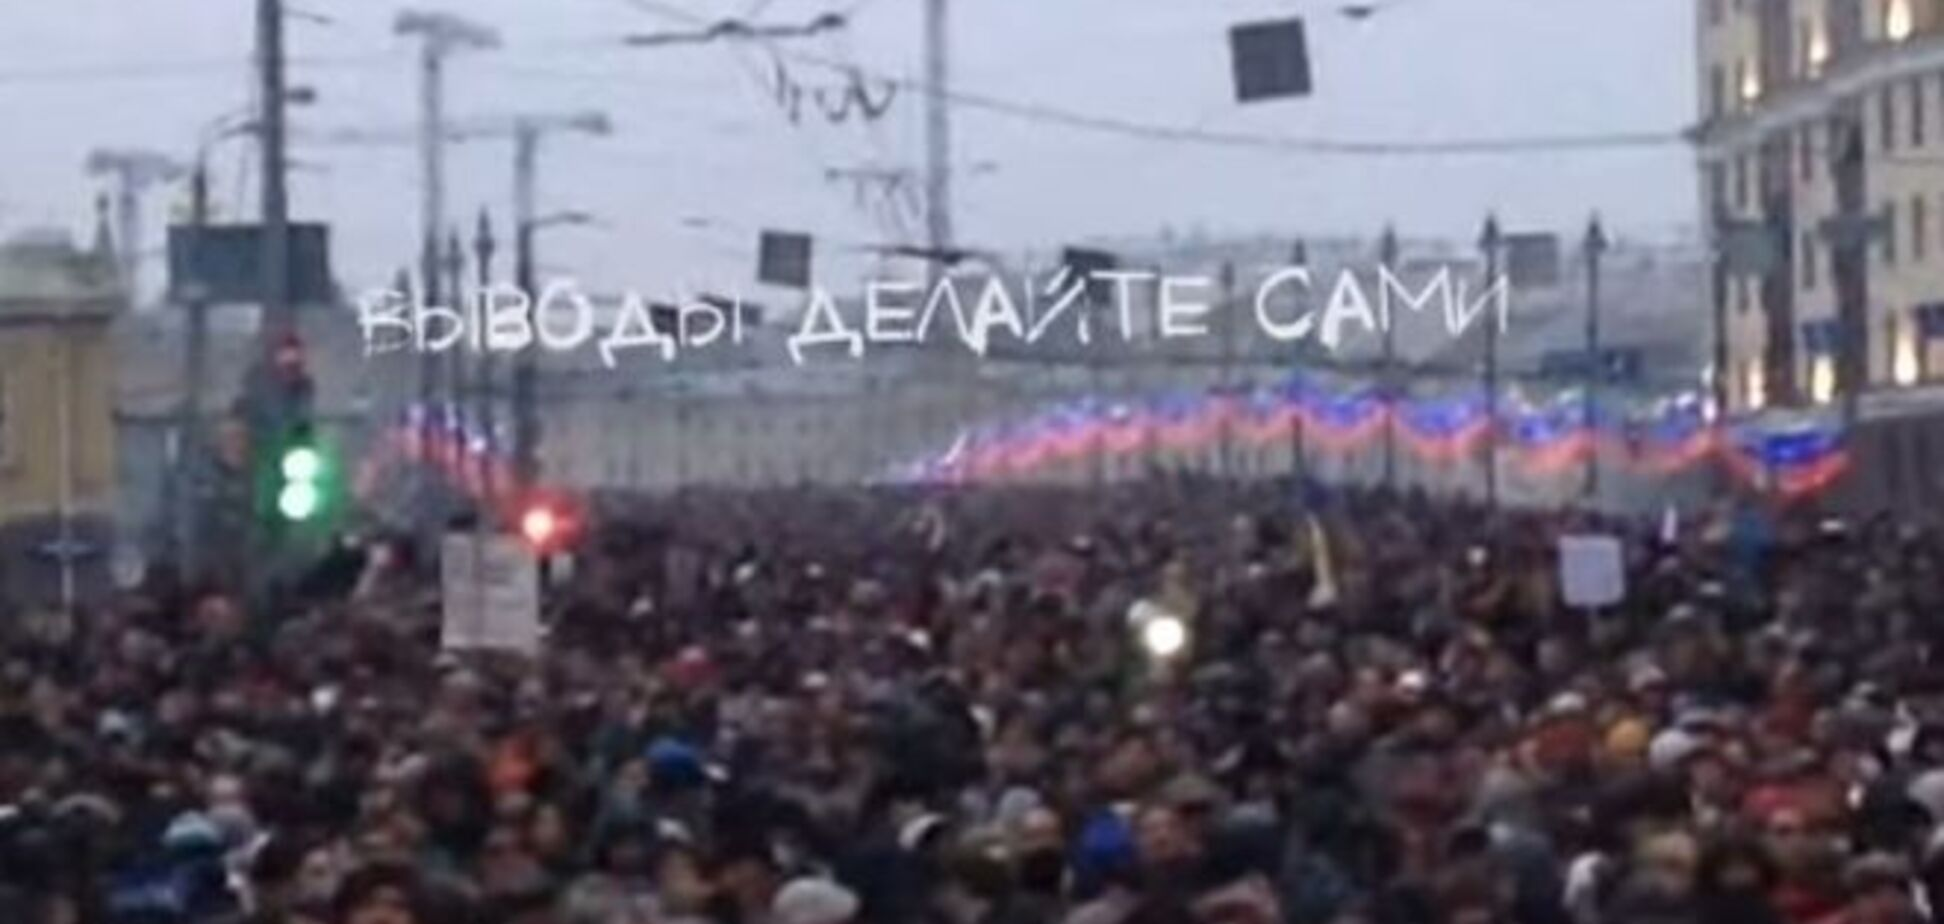 Илларионов проанализировал видео с места убийства Немцова: все выдвинутые версии оказались фальшивкой